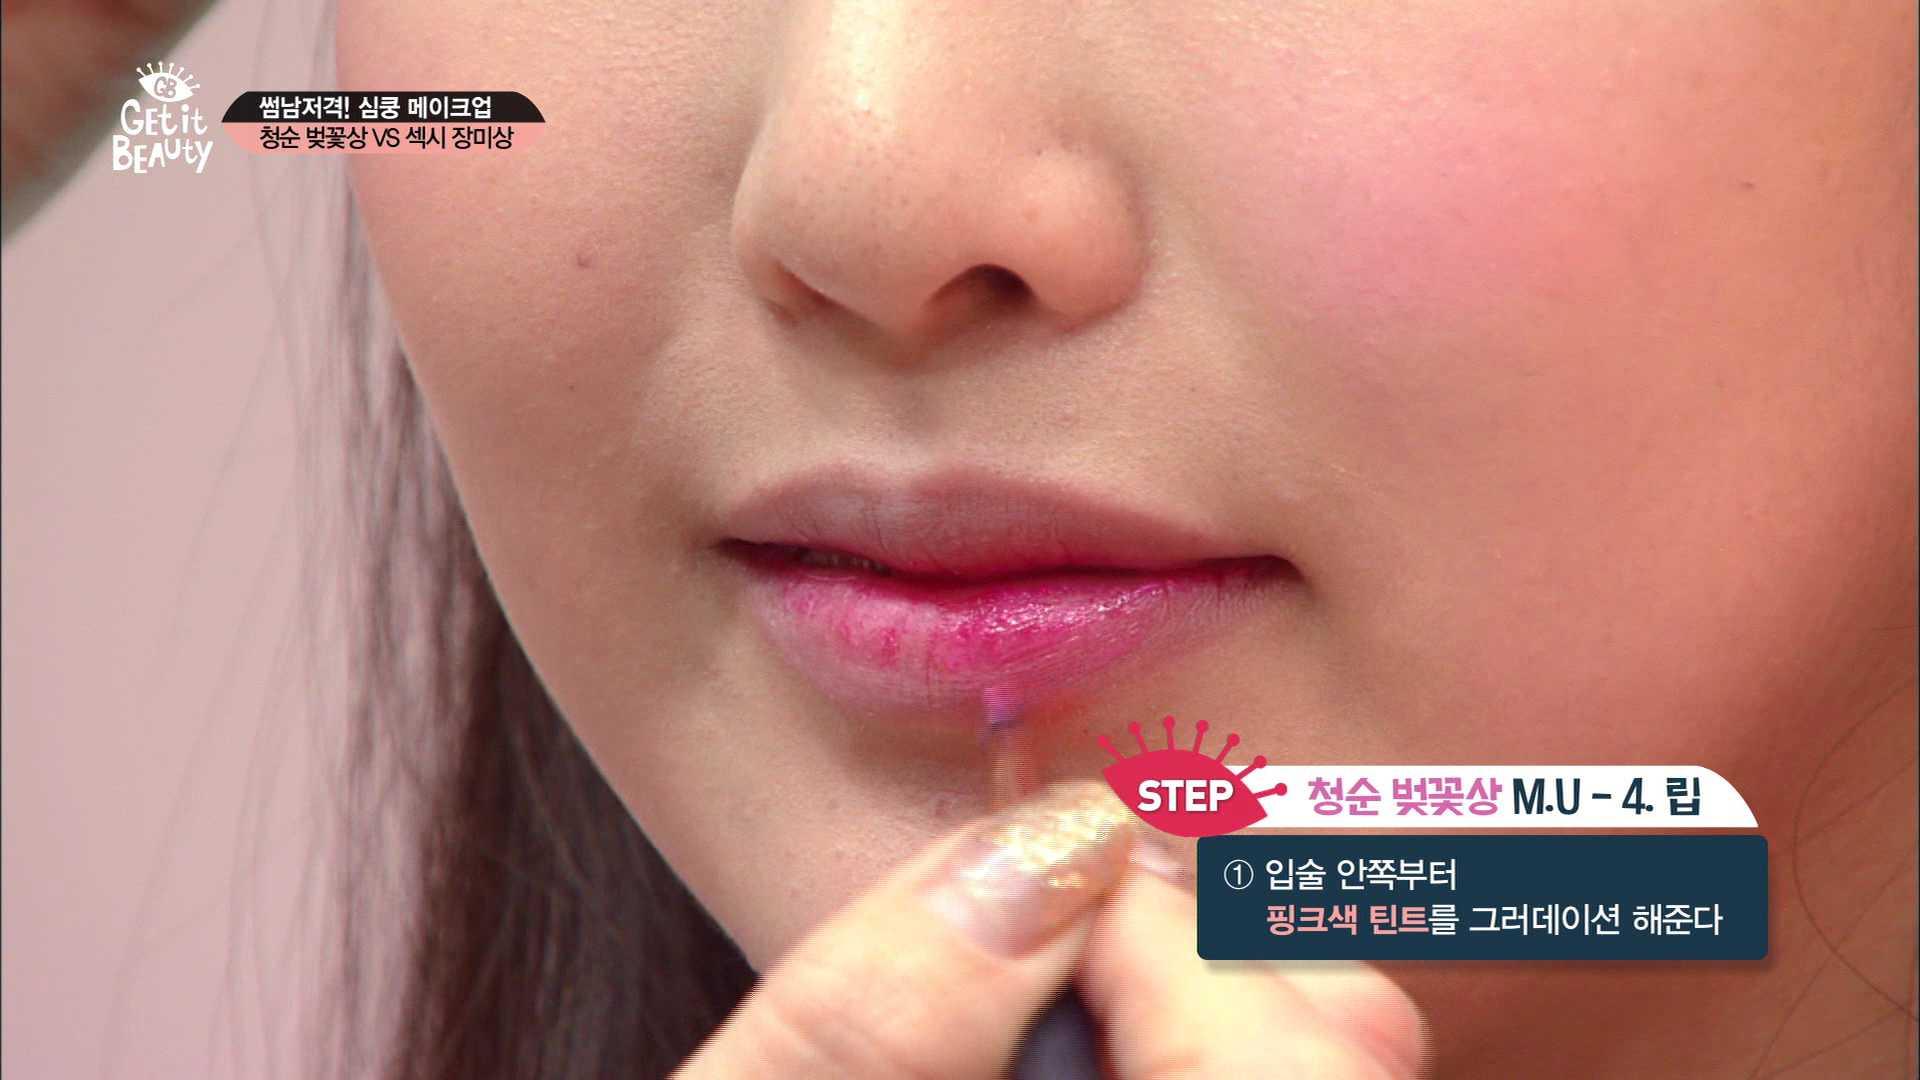 벚꽃을 머금은 듯한 딸기우유 빛이 감도는 핑크색 틴트를 입술 안쪽부터 그라데이션 해줍니다!